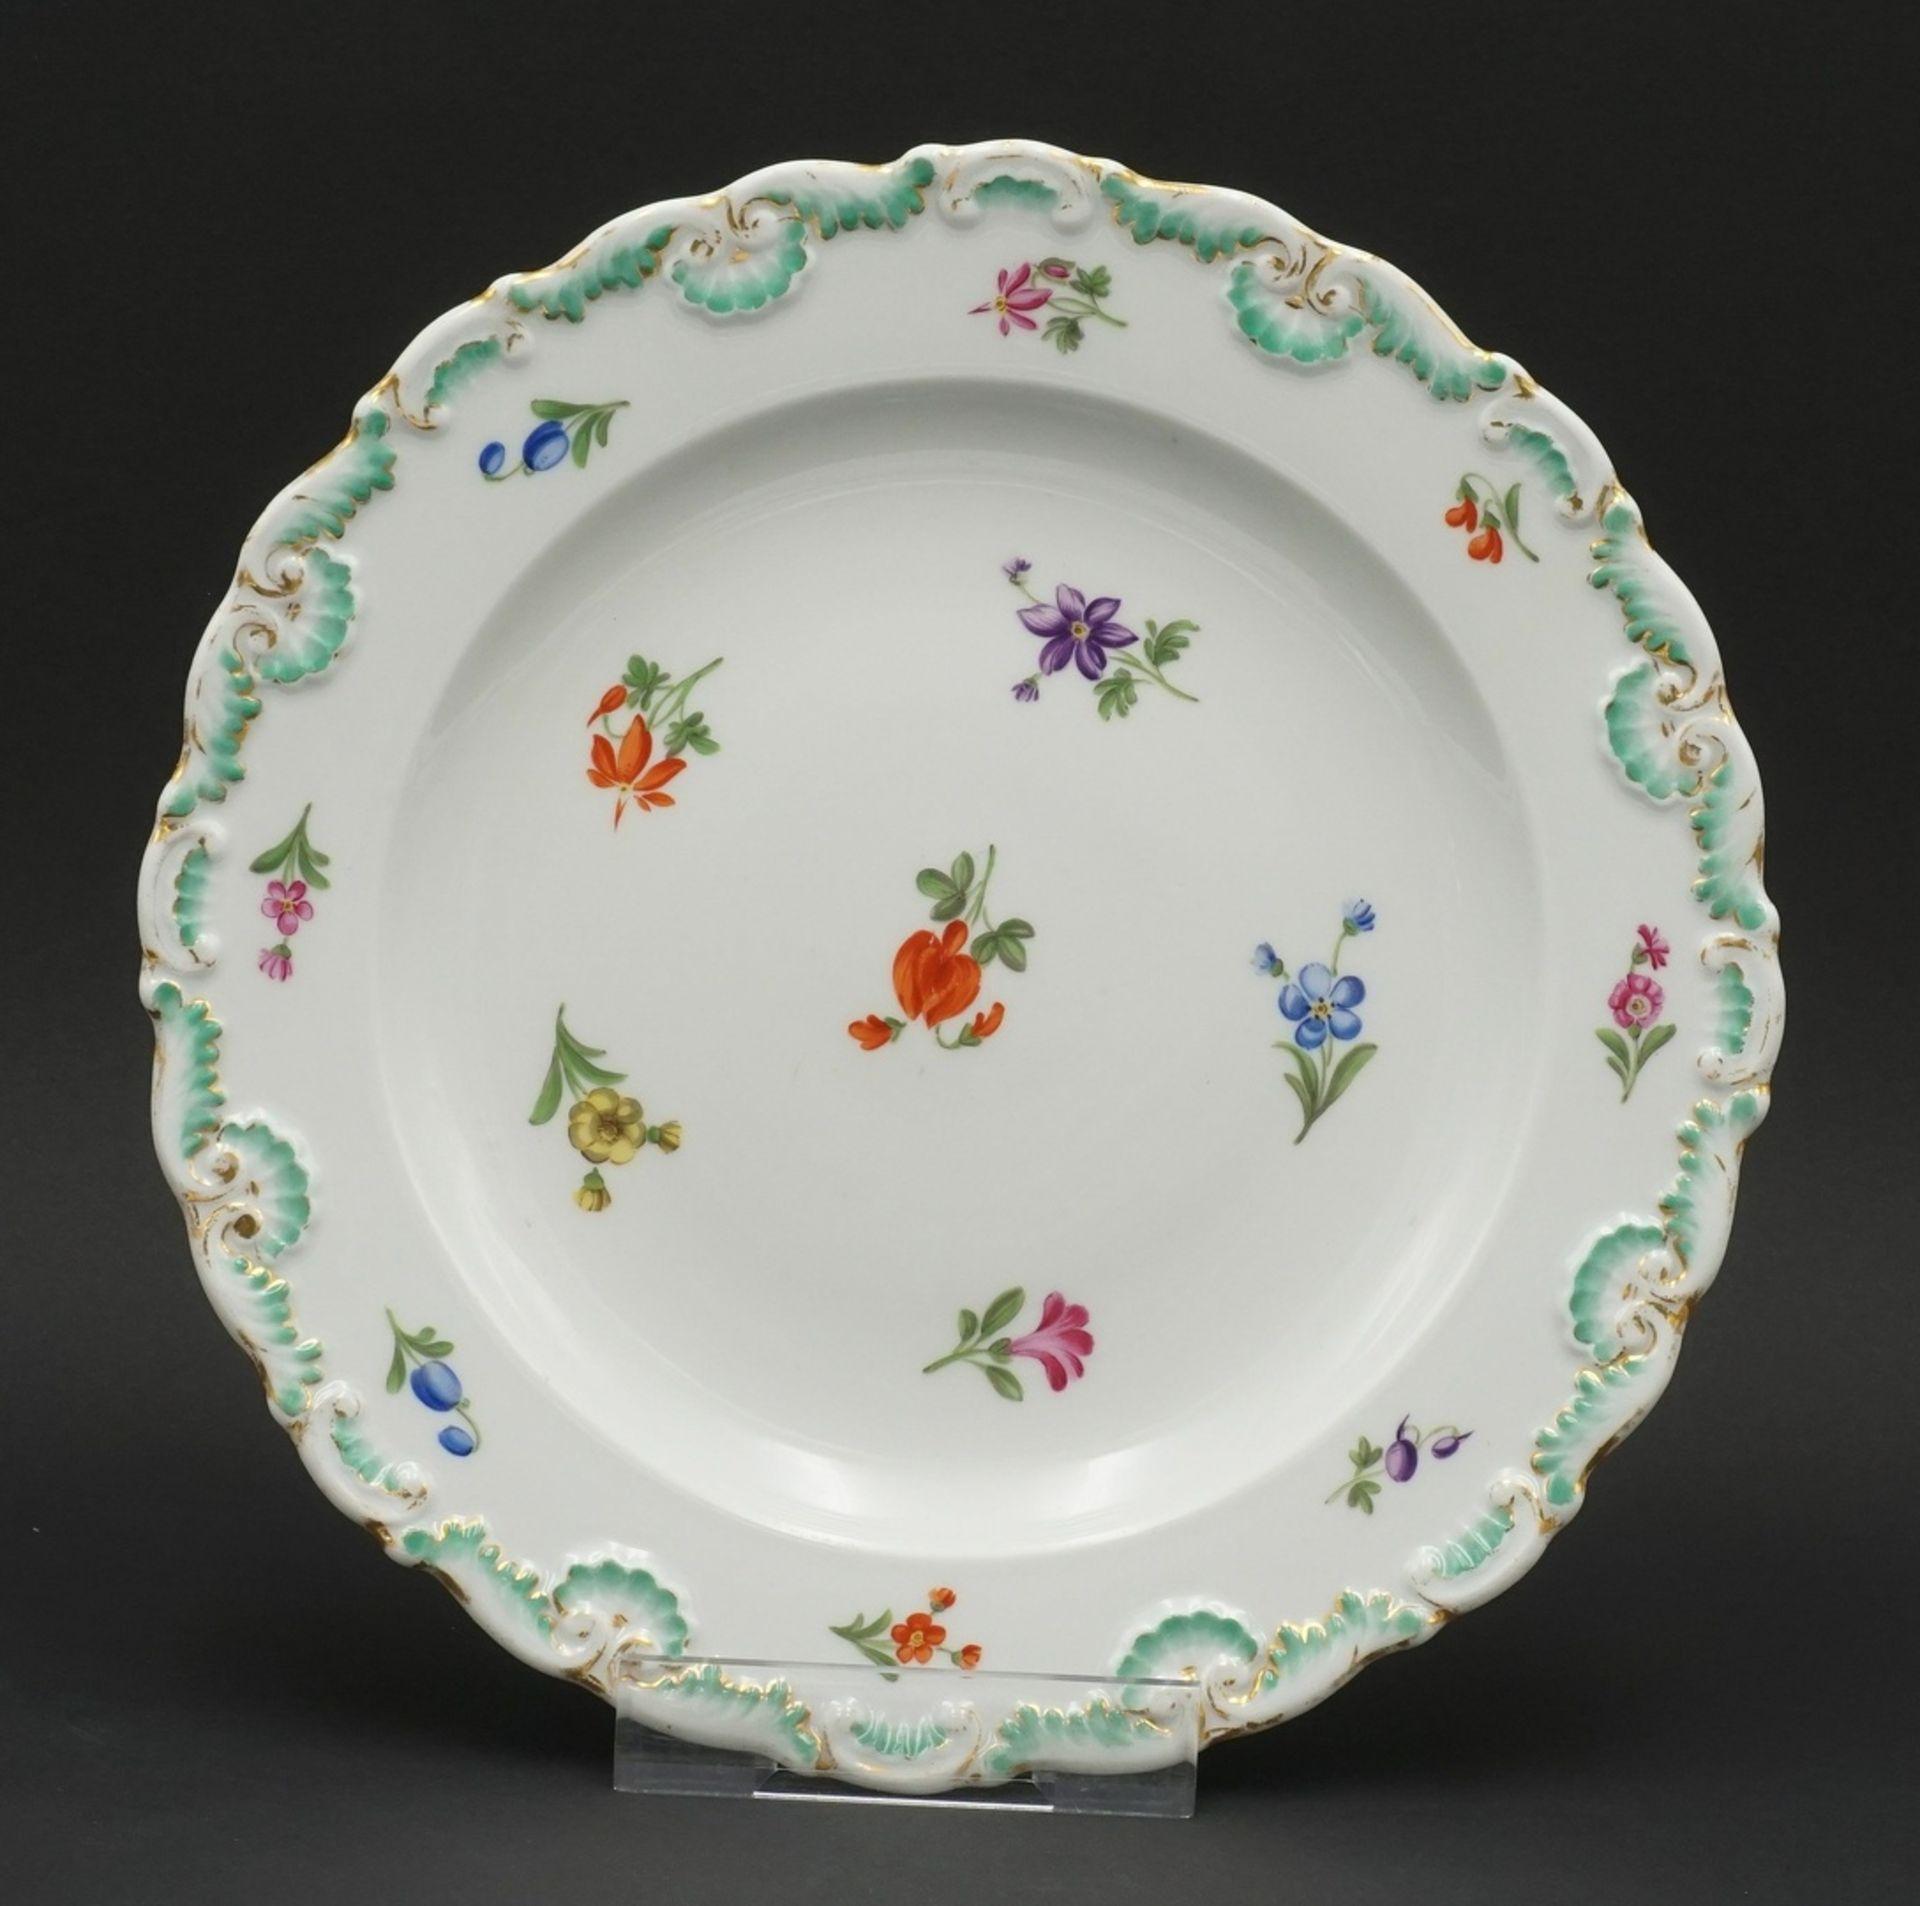 Meissen Teller und Durchbruchteller mit Blumenmalerei - Bild 2 aus 5